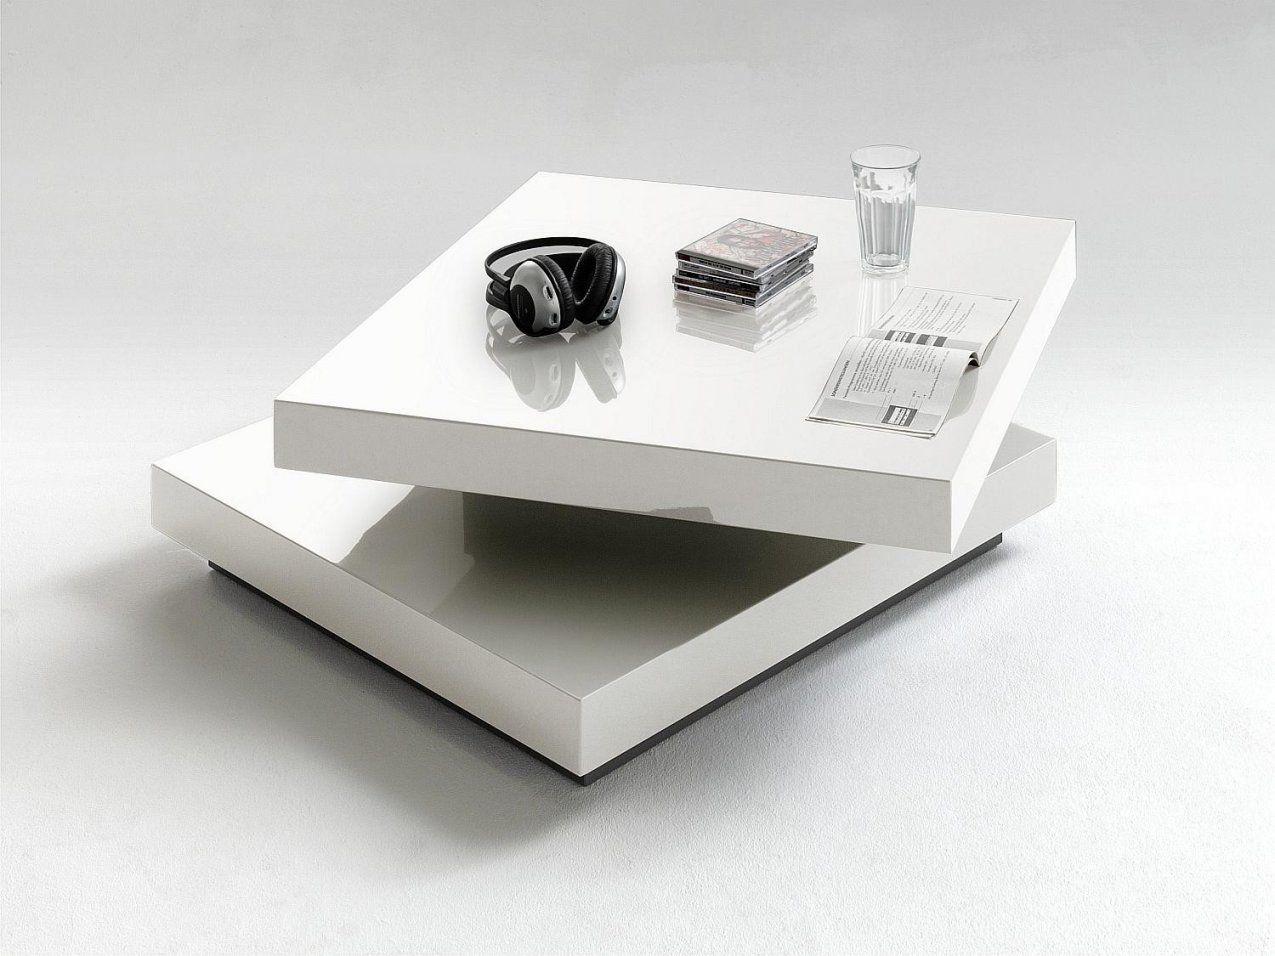 Couchtisch 60 X 60 Weiß Hochglanz Hires Wallpaper Bilder Genial von Couchtisch Weiß Hochglanz 60 X 60 Photo